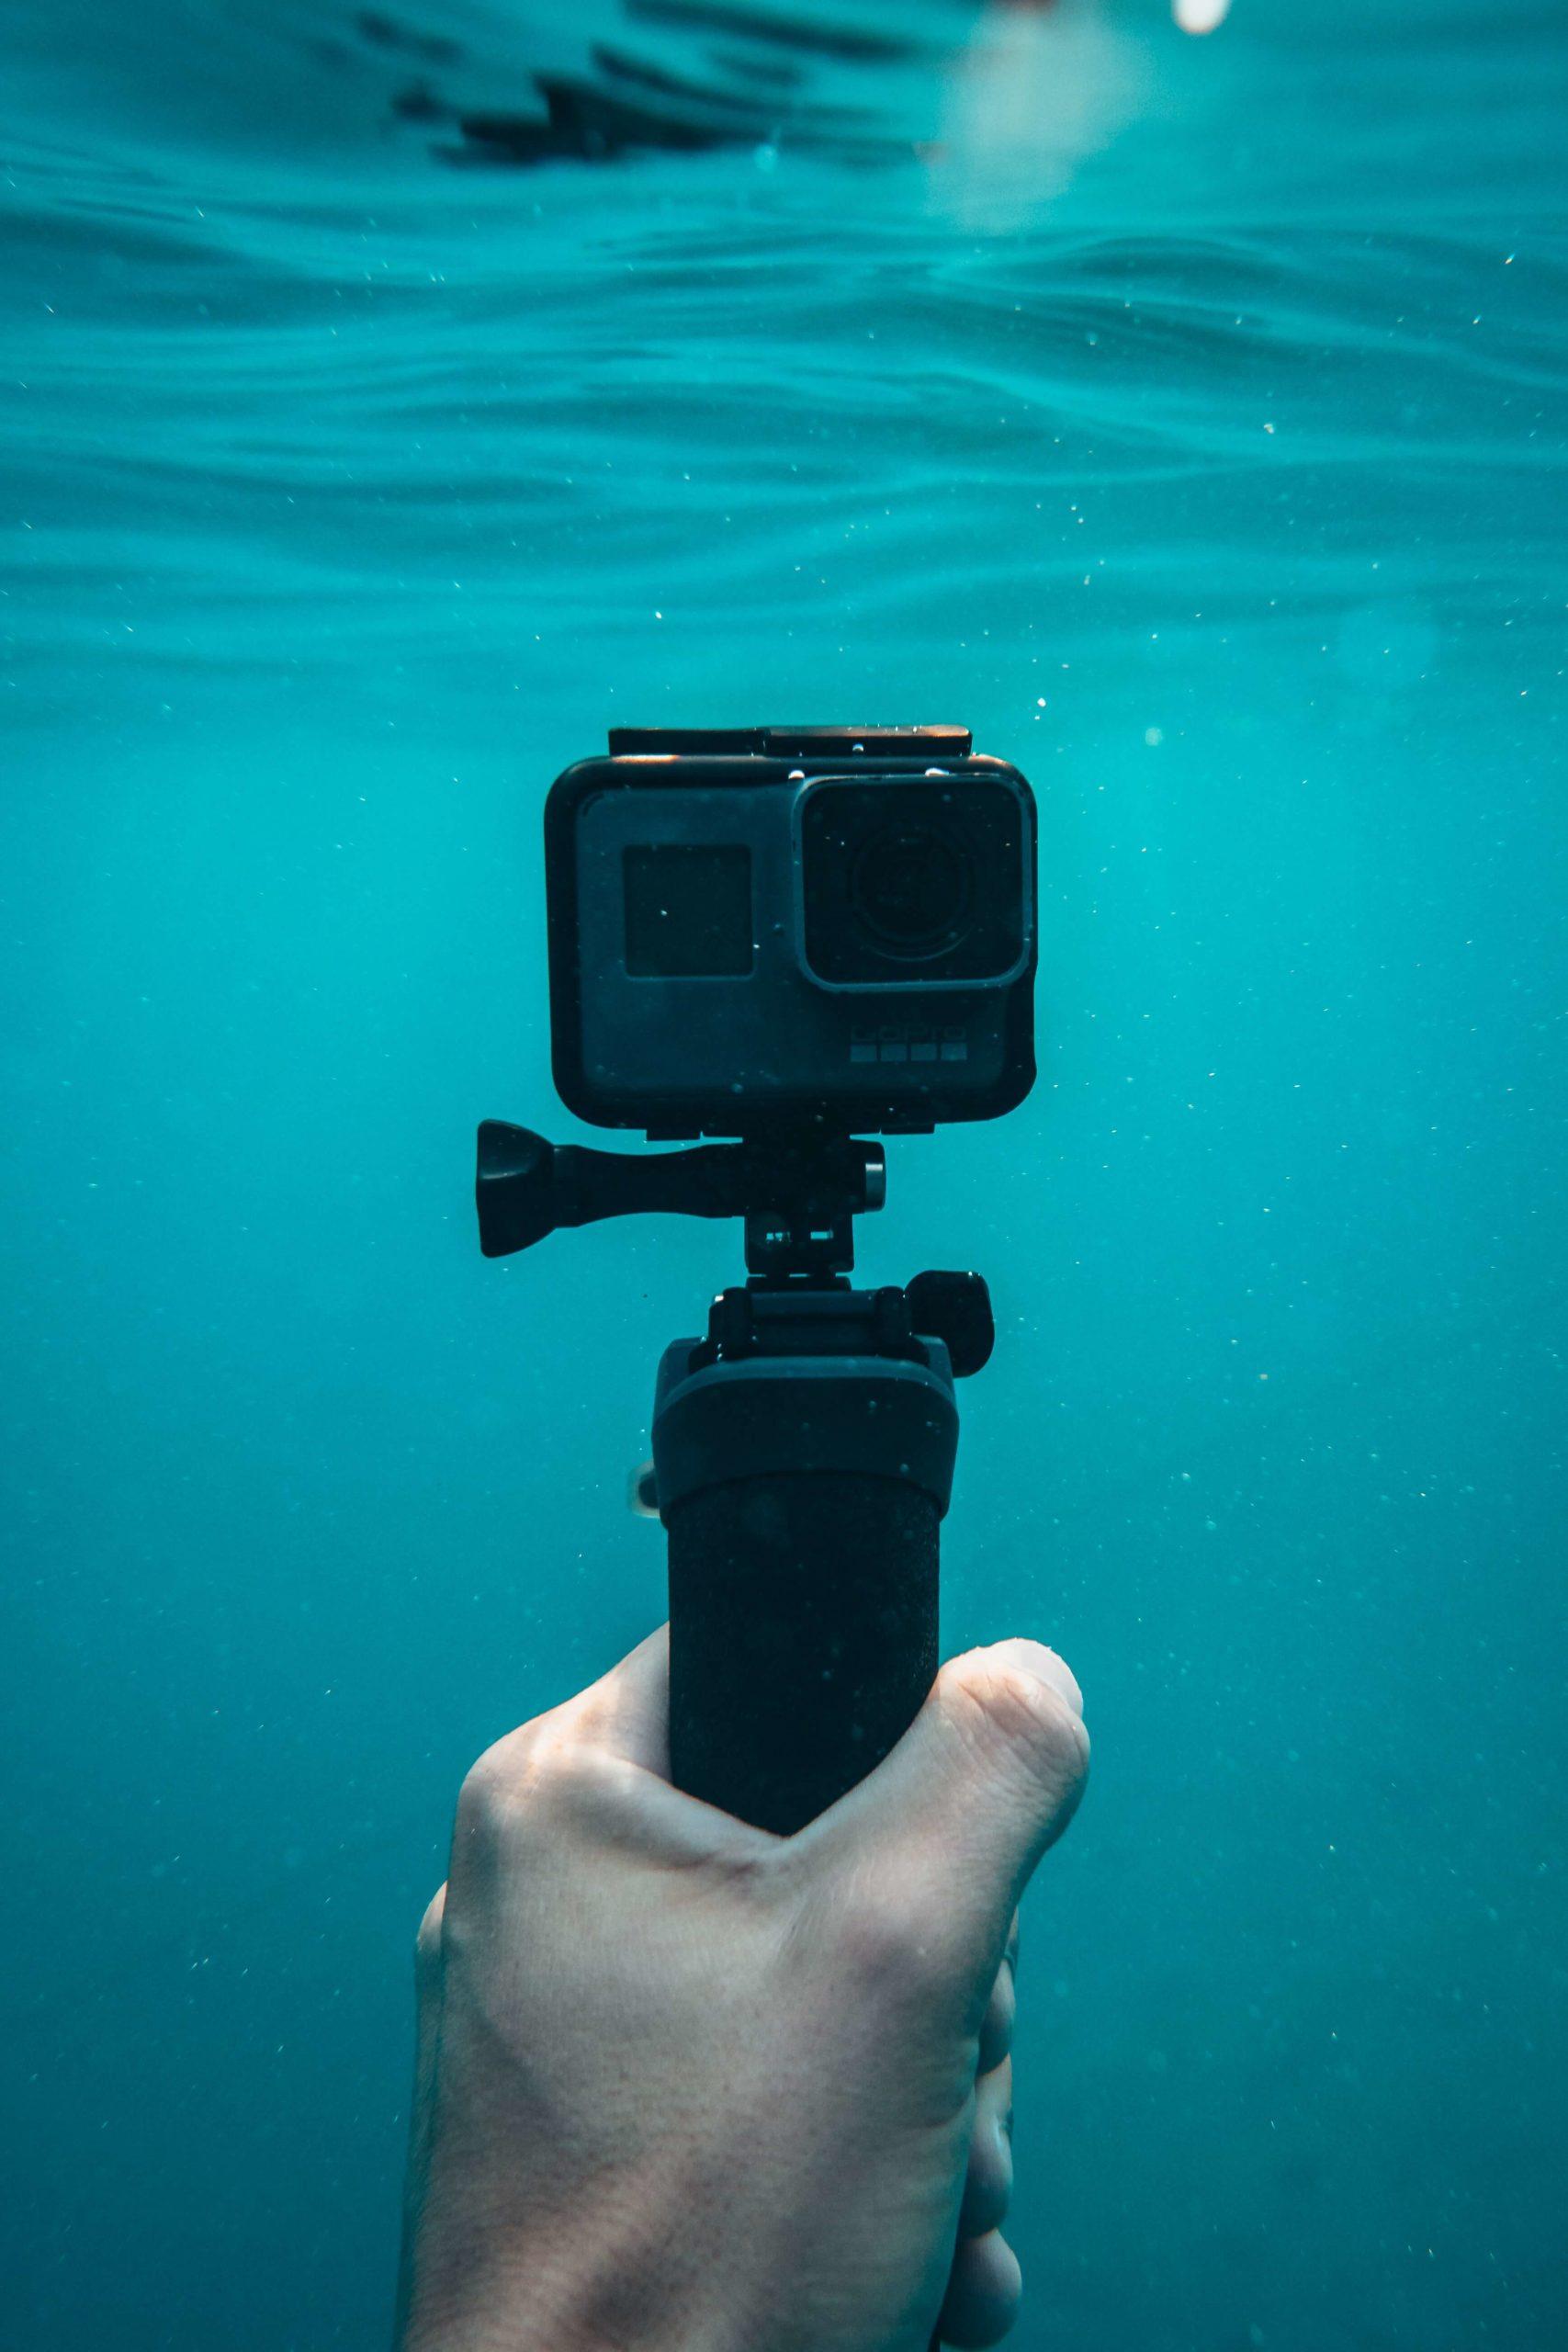 GoProができること【 映像クリエイターが解説します 】